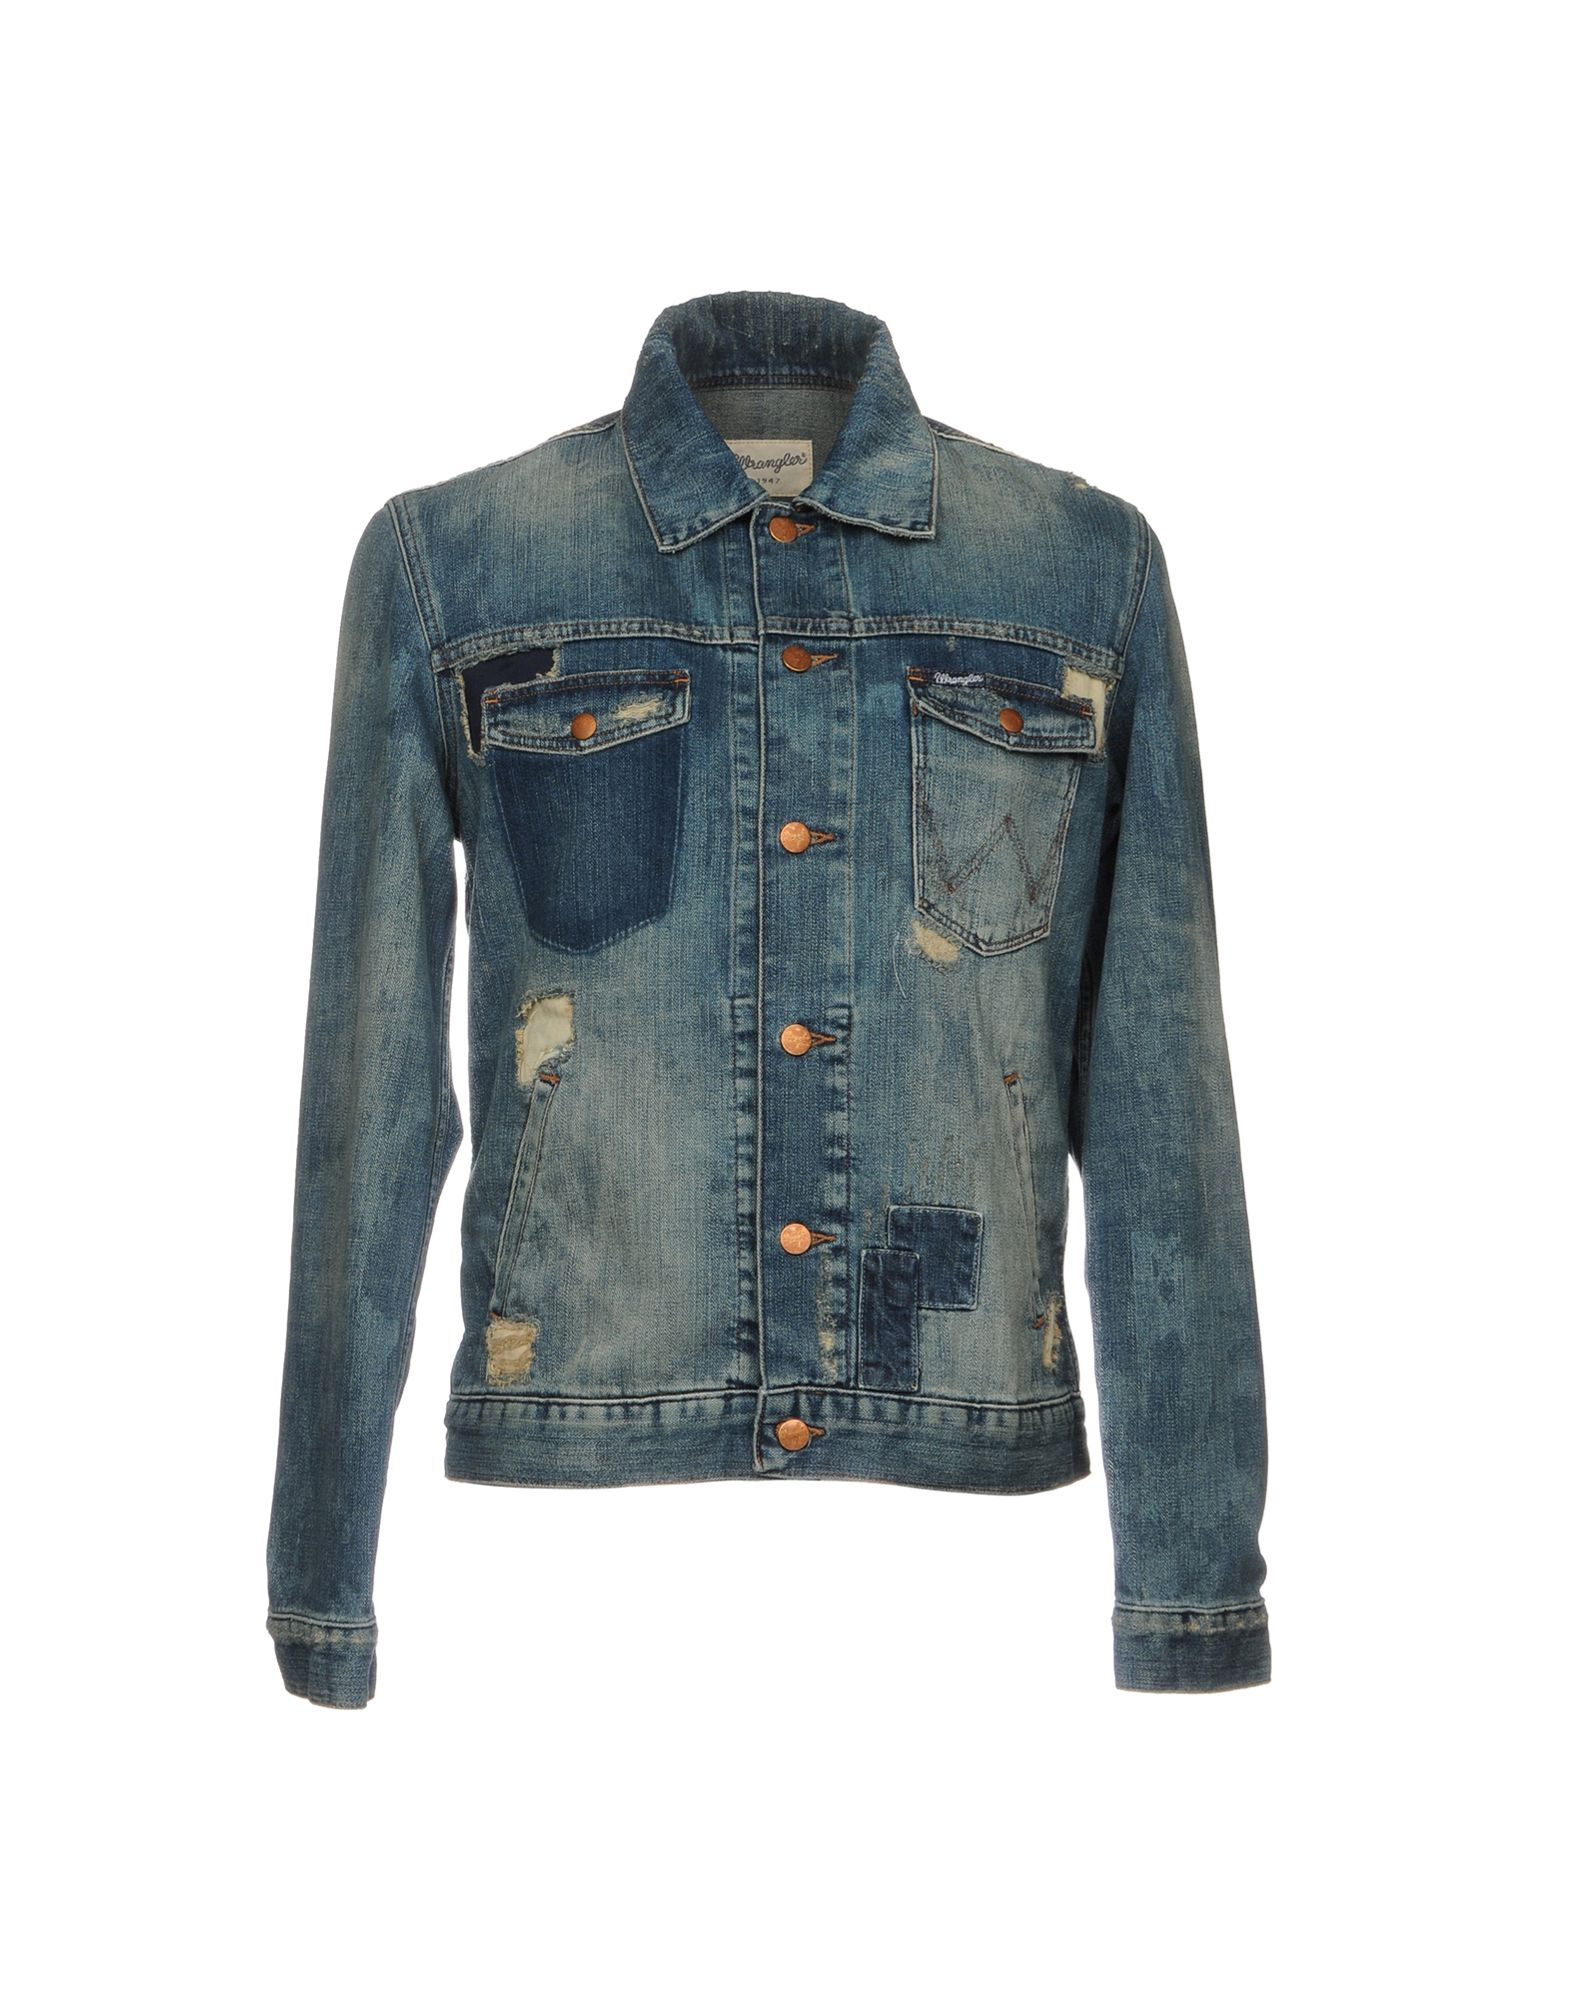 wrangler джинсовая верхняя одежда WRANGLER Джинсовая верхняя одежда